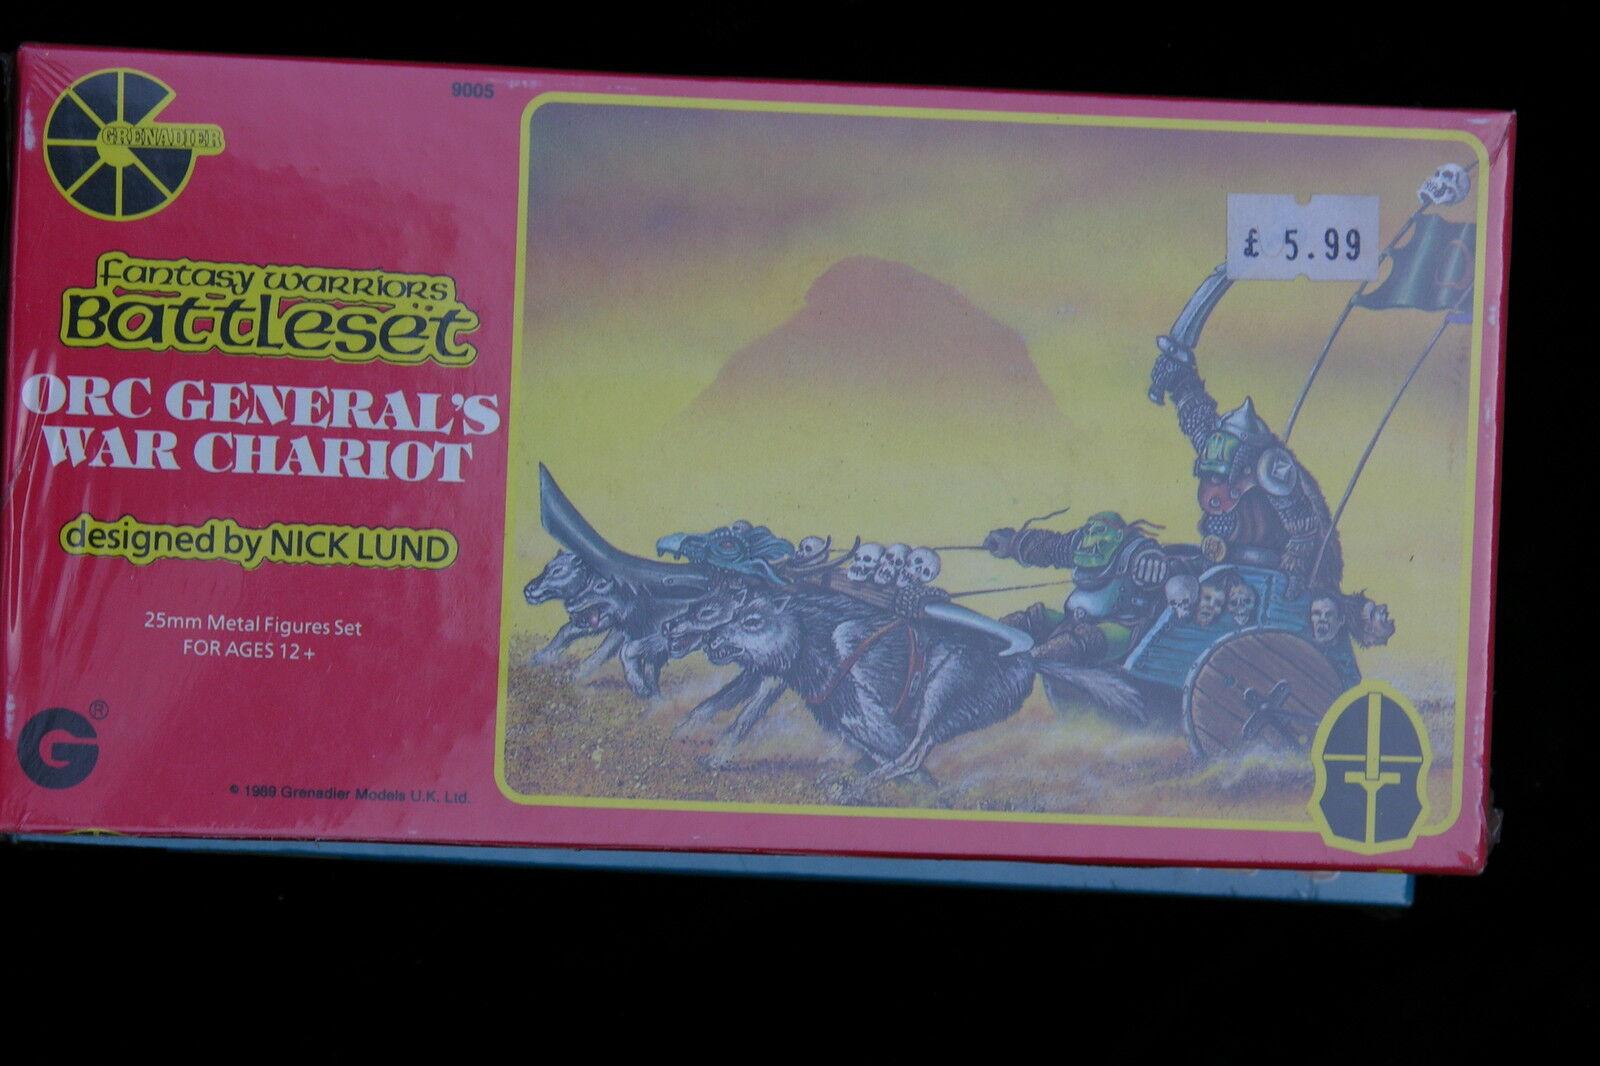 Grenadier modellllerler fantasi Guerriers, Orc G 6553333,